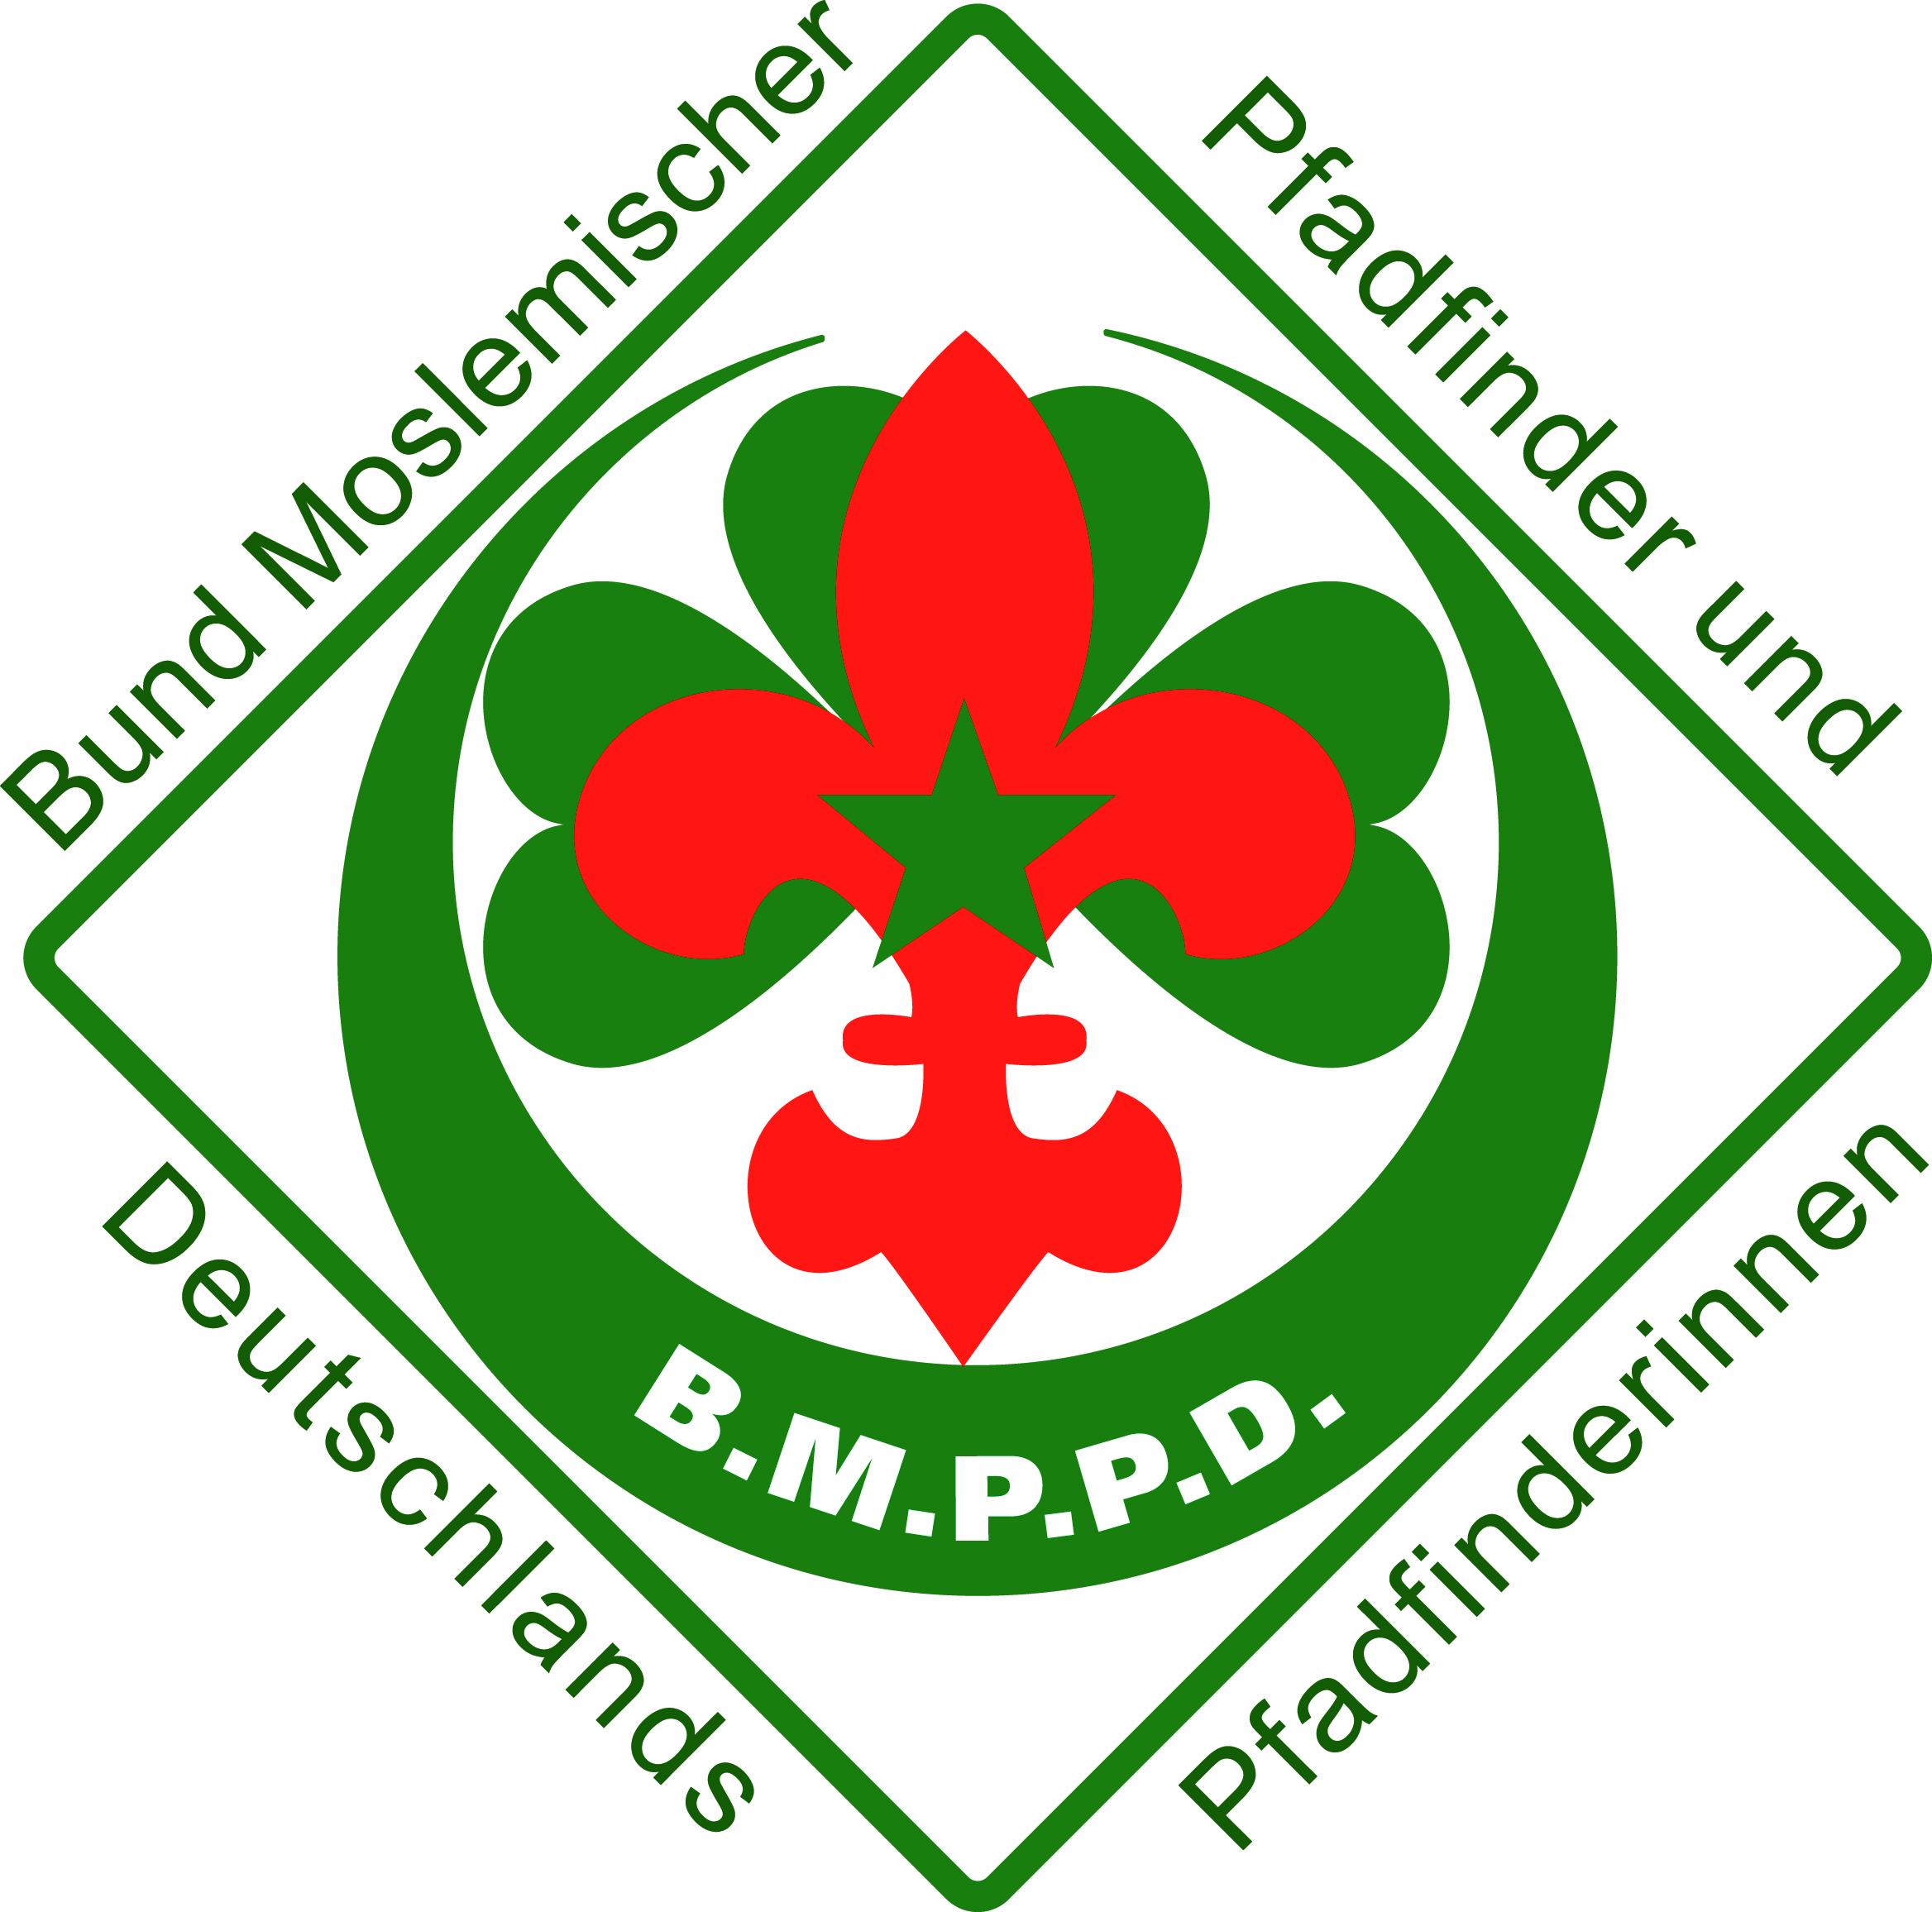 Logo BMPPD Stamm Wiesbaden